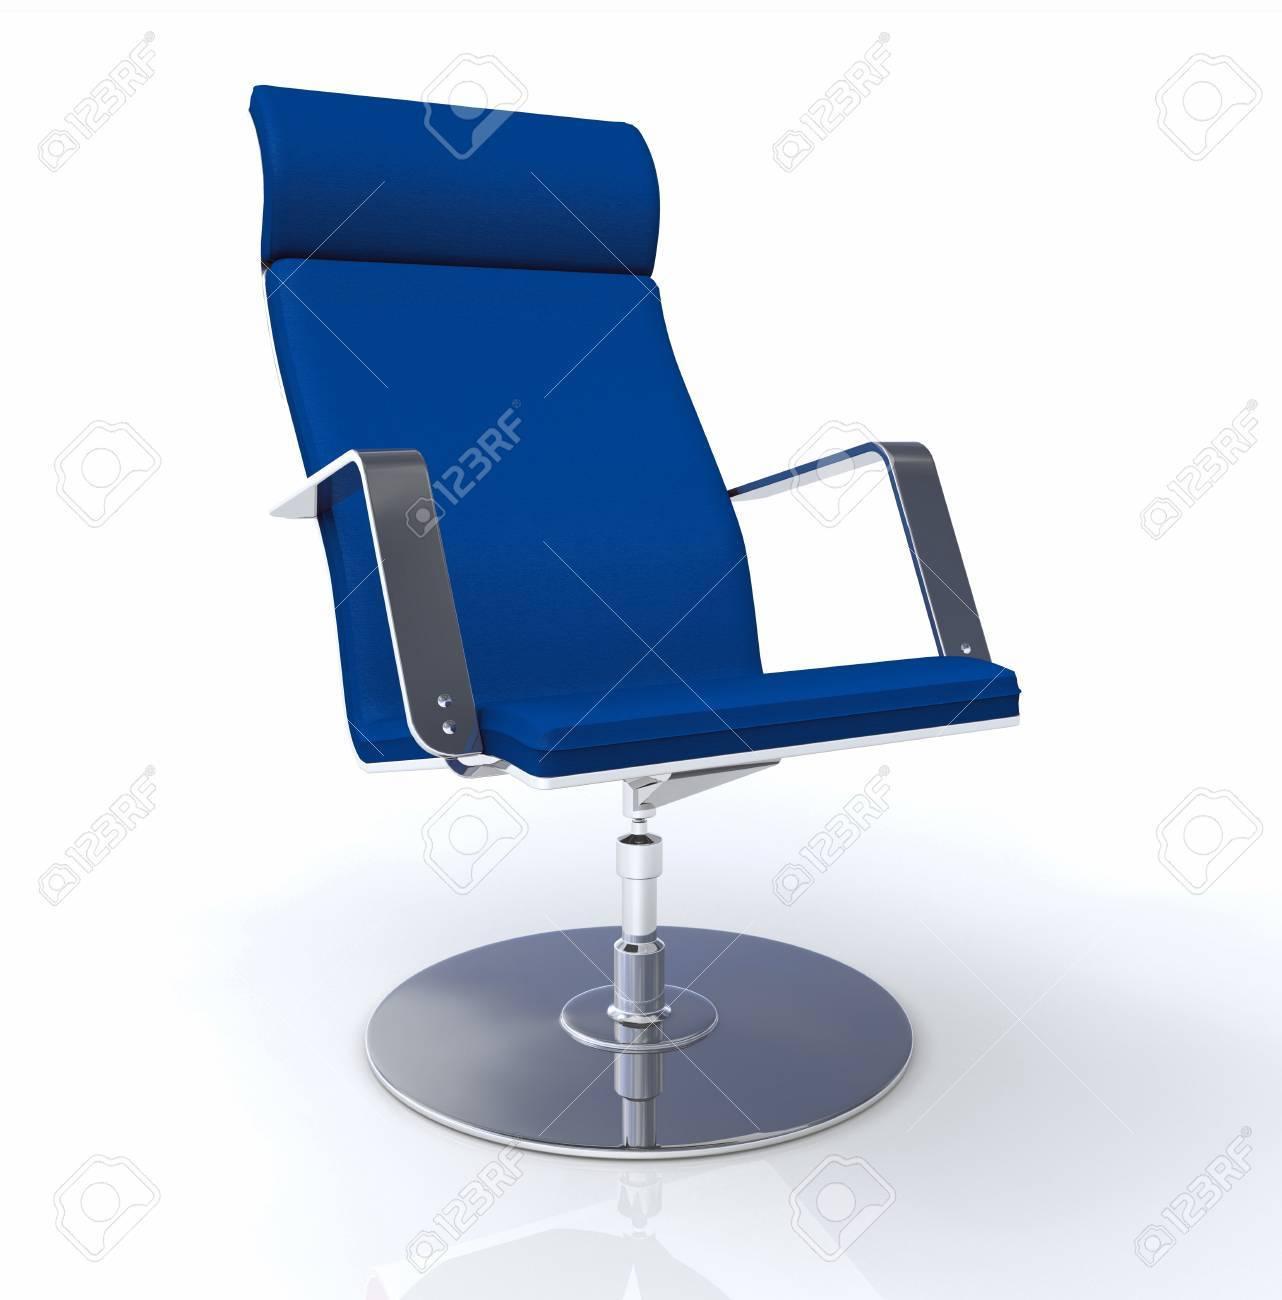 Lexcutif Chaise Design Bleu Argent Banque DImages Et Photos